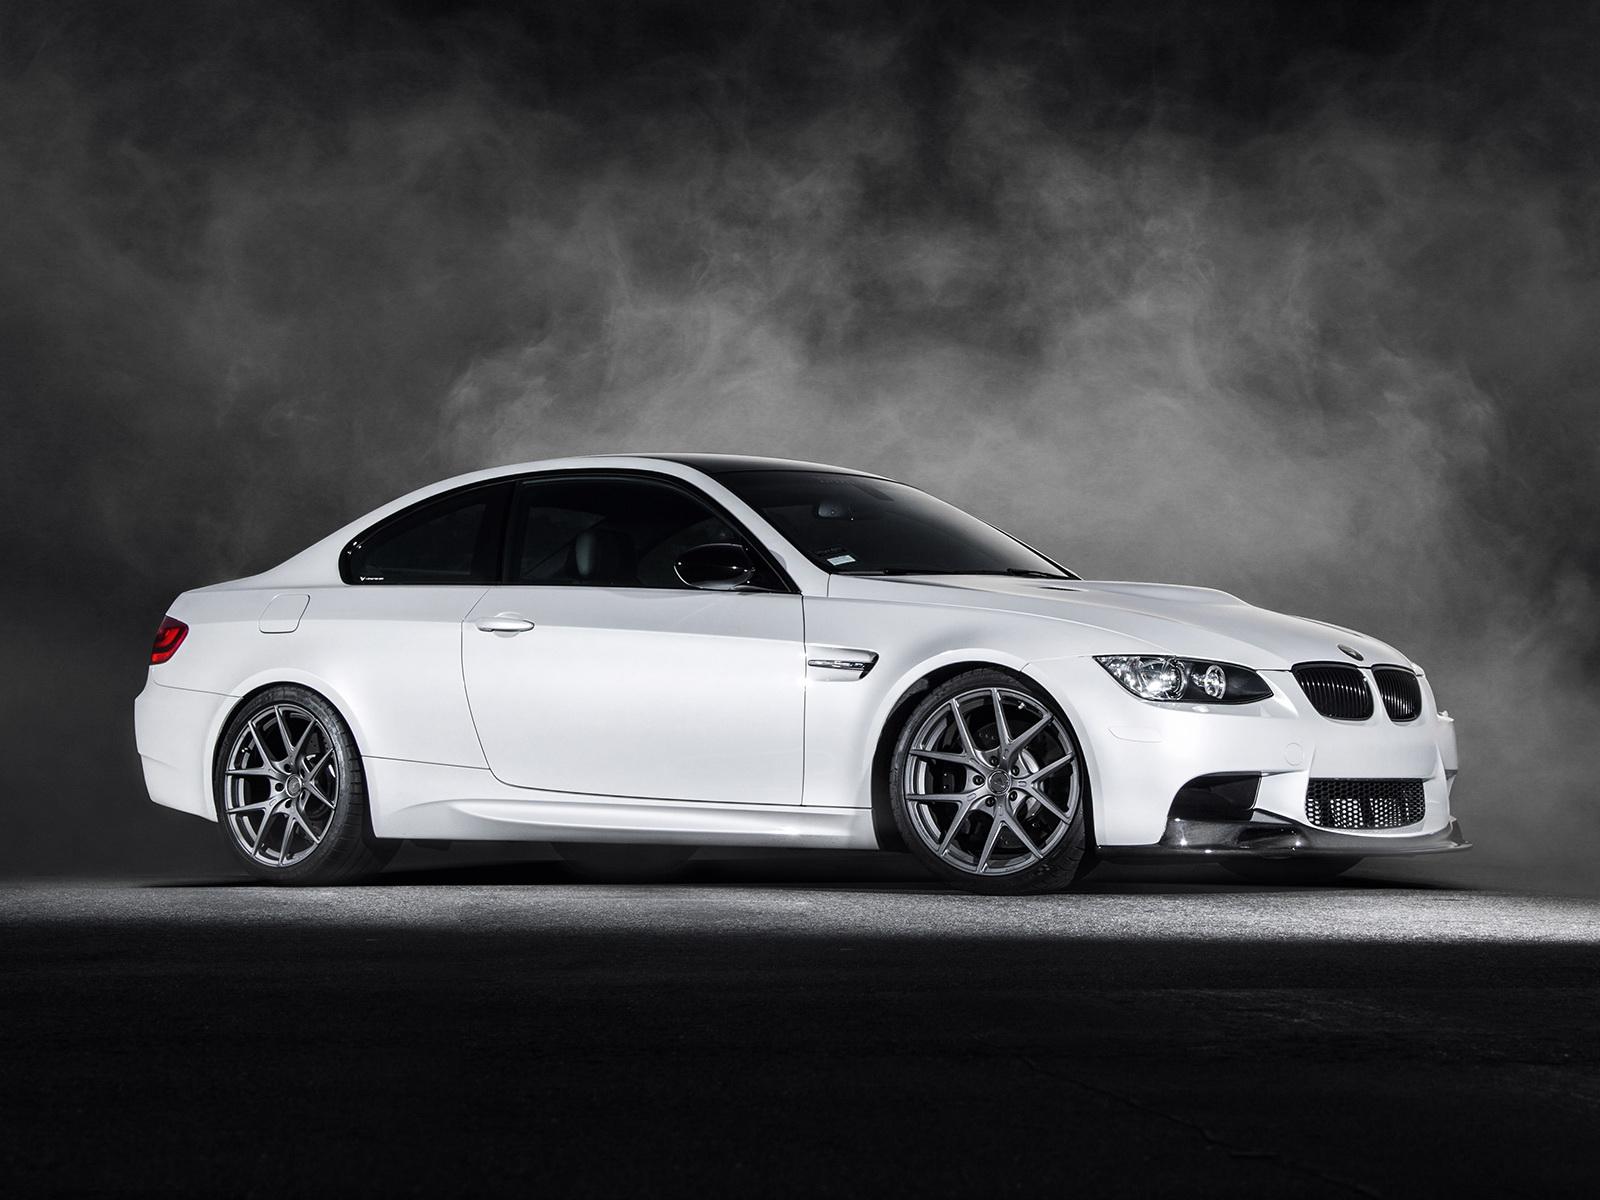 2009_13_Vorsteiner_BMW_M_3_Coupe_GTS3__E92__tuning__g_1600x1200.jpg